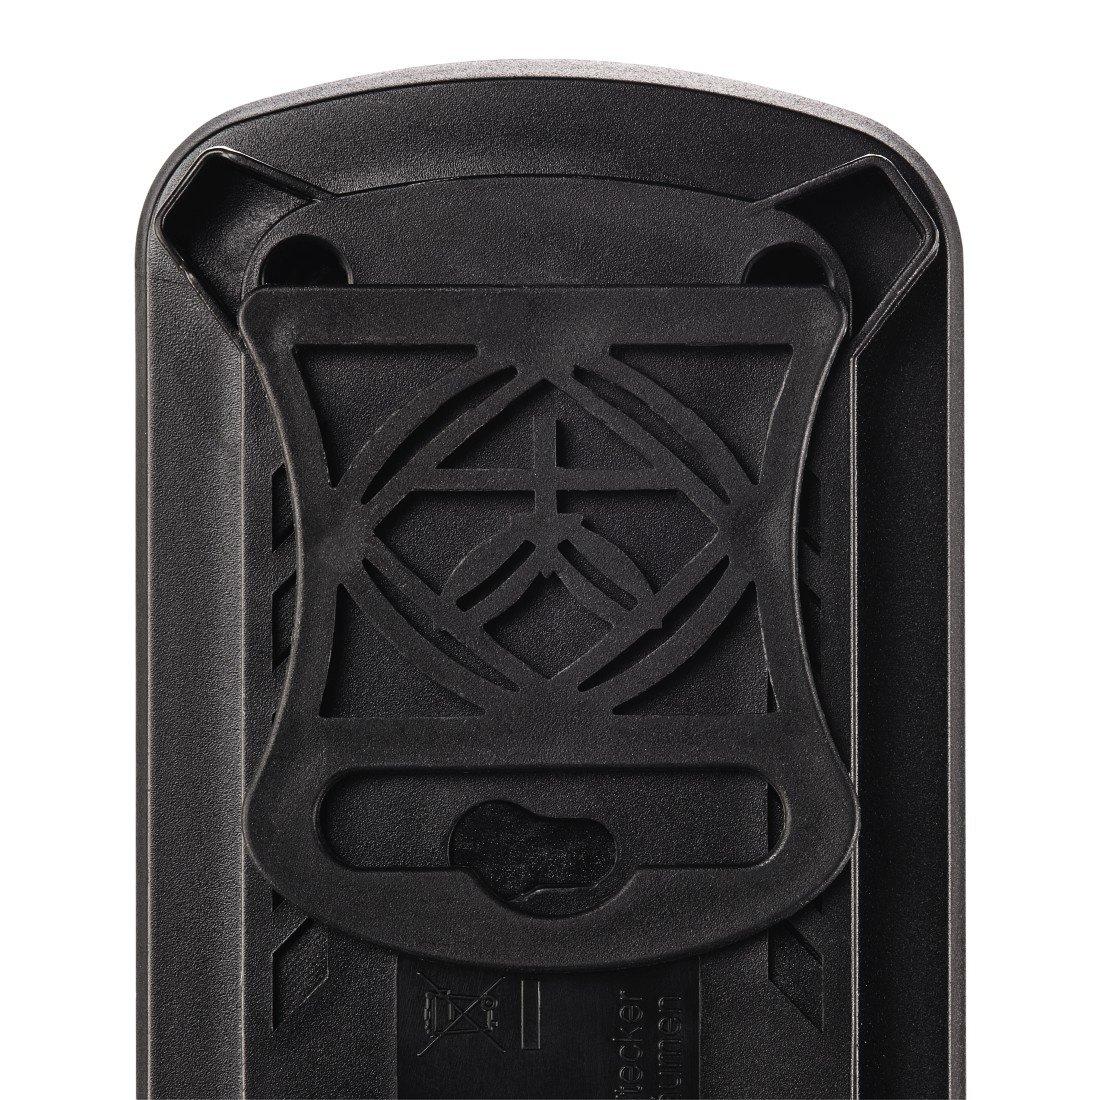 Удлинитель НАМА на 3 розетки, с выключателем, 1,5 м, черный фото 6